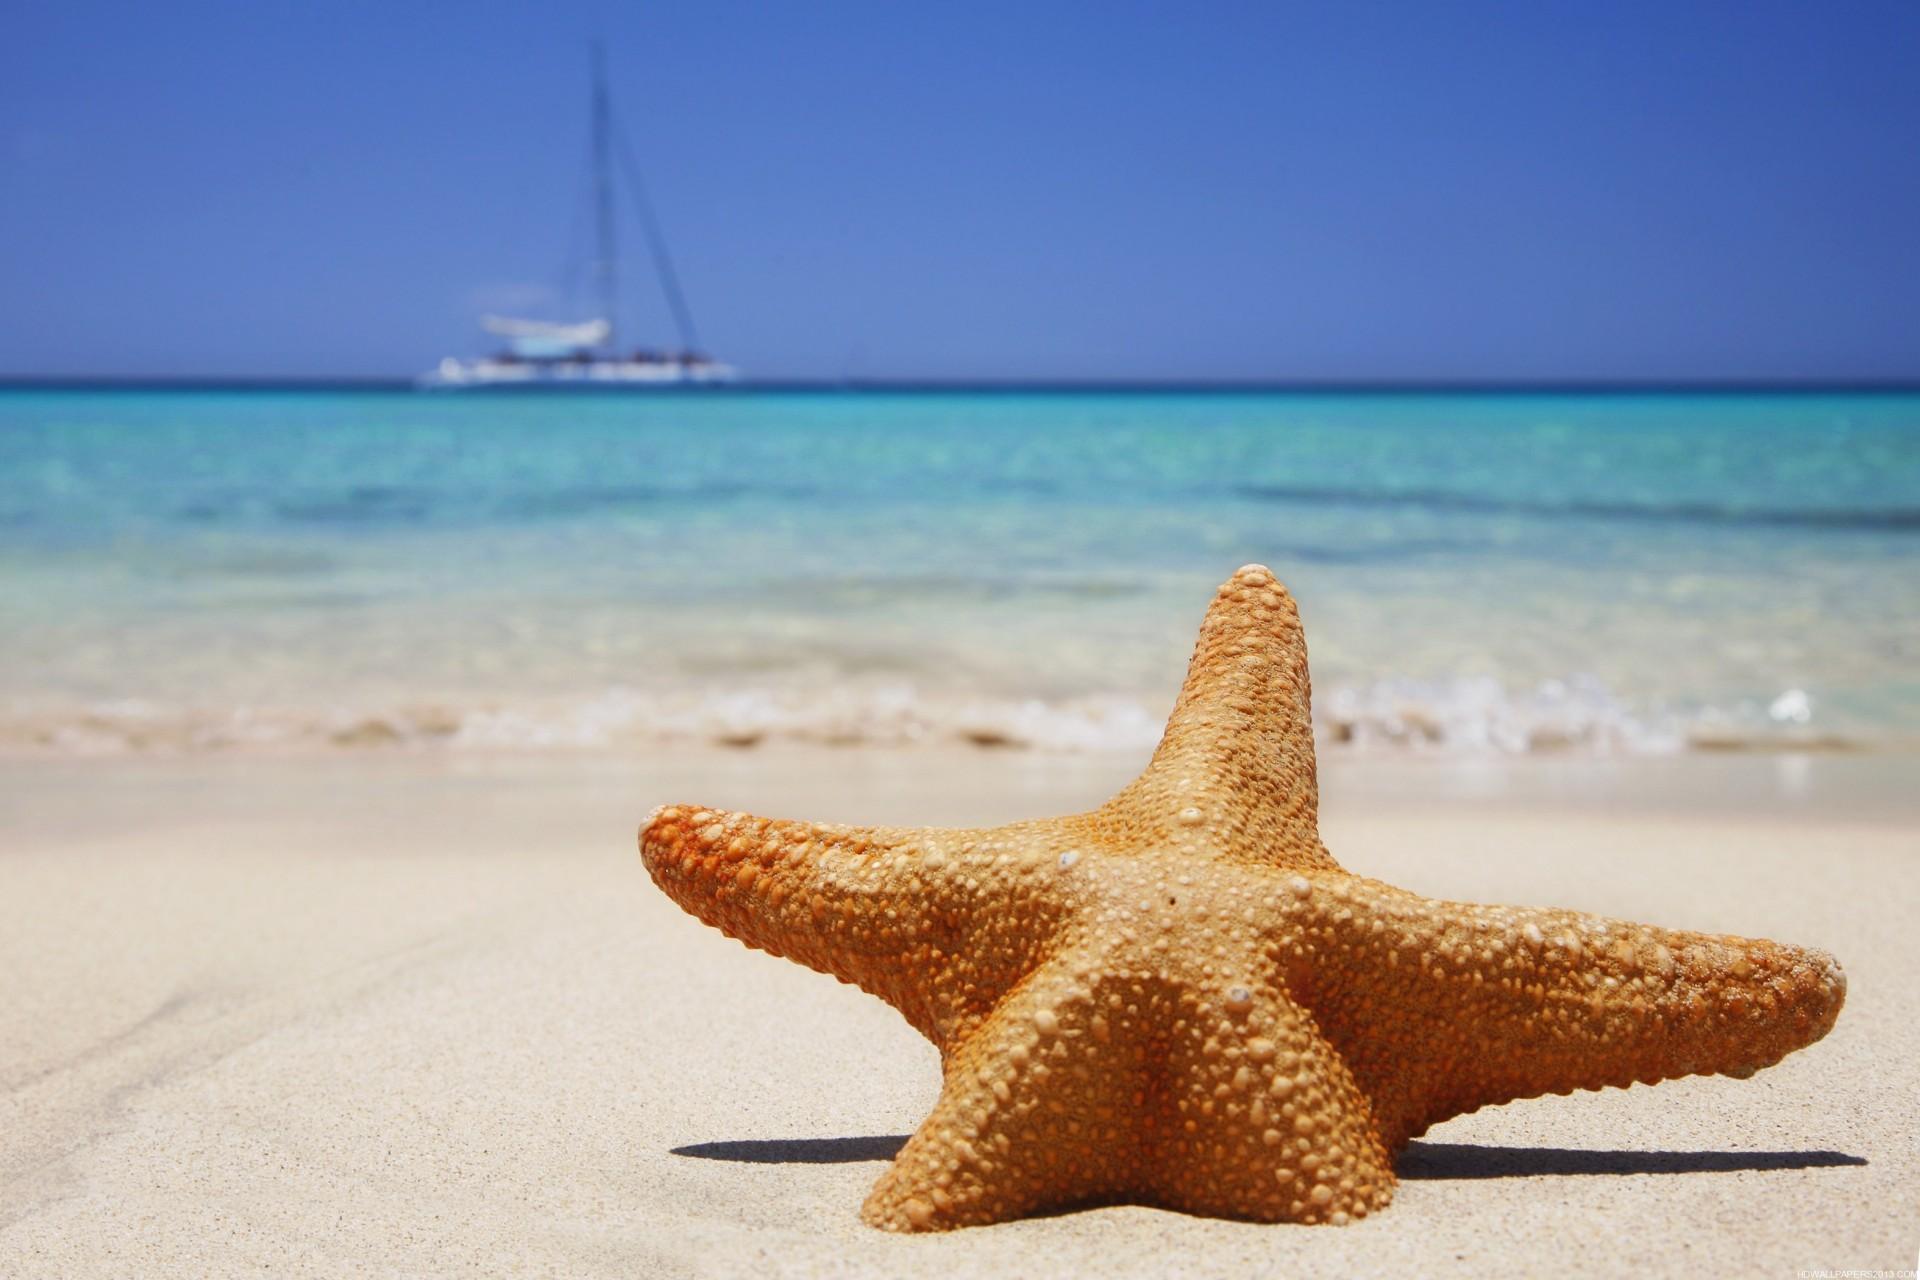 Starfish Beach Images